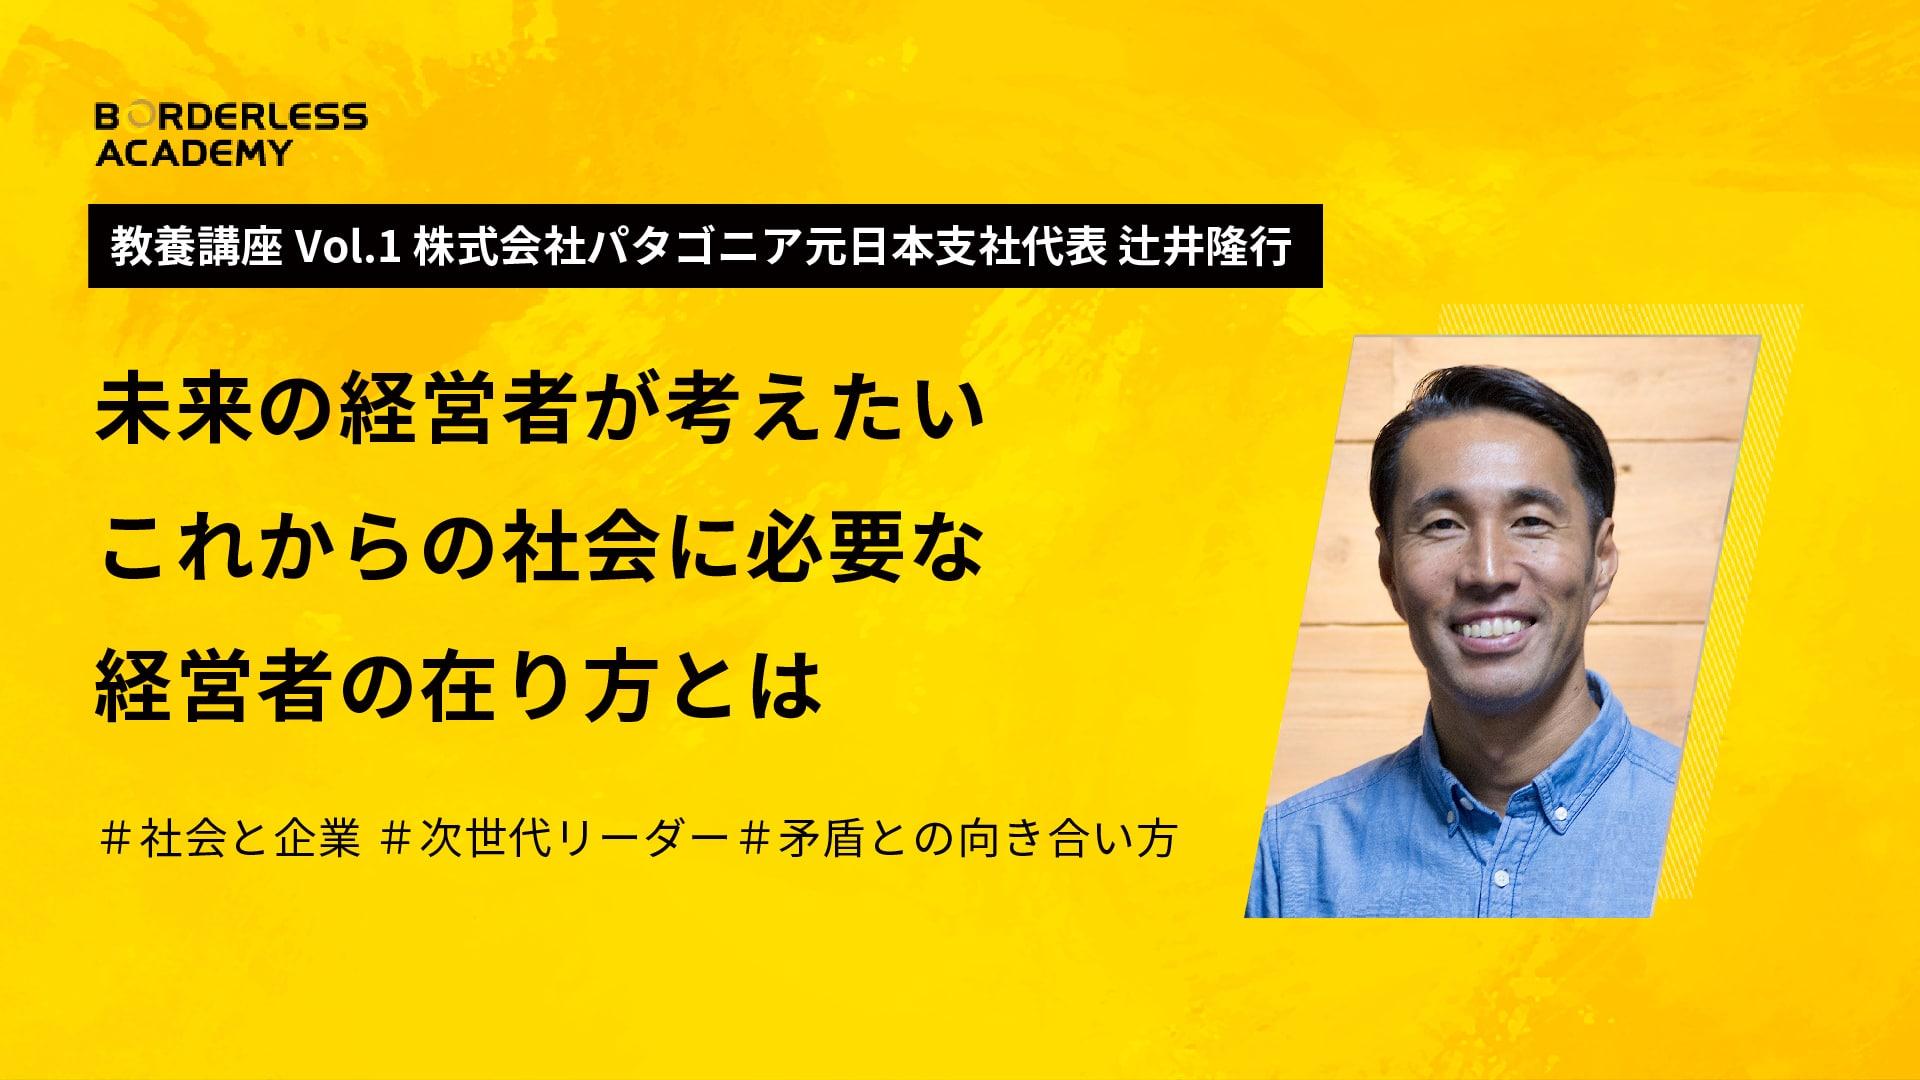 株式会社パタゴニア 元日本支社代表 辻井隆行